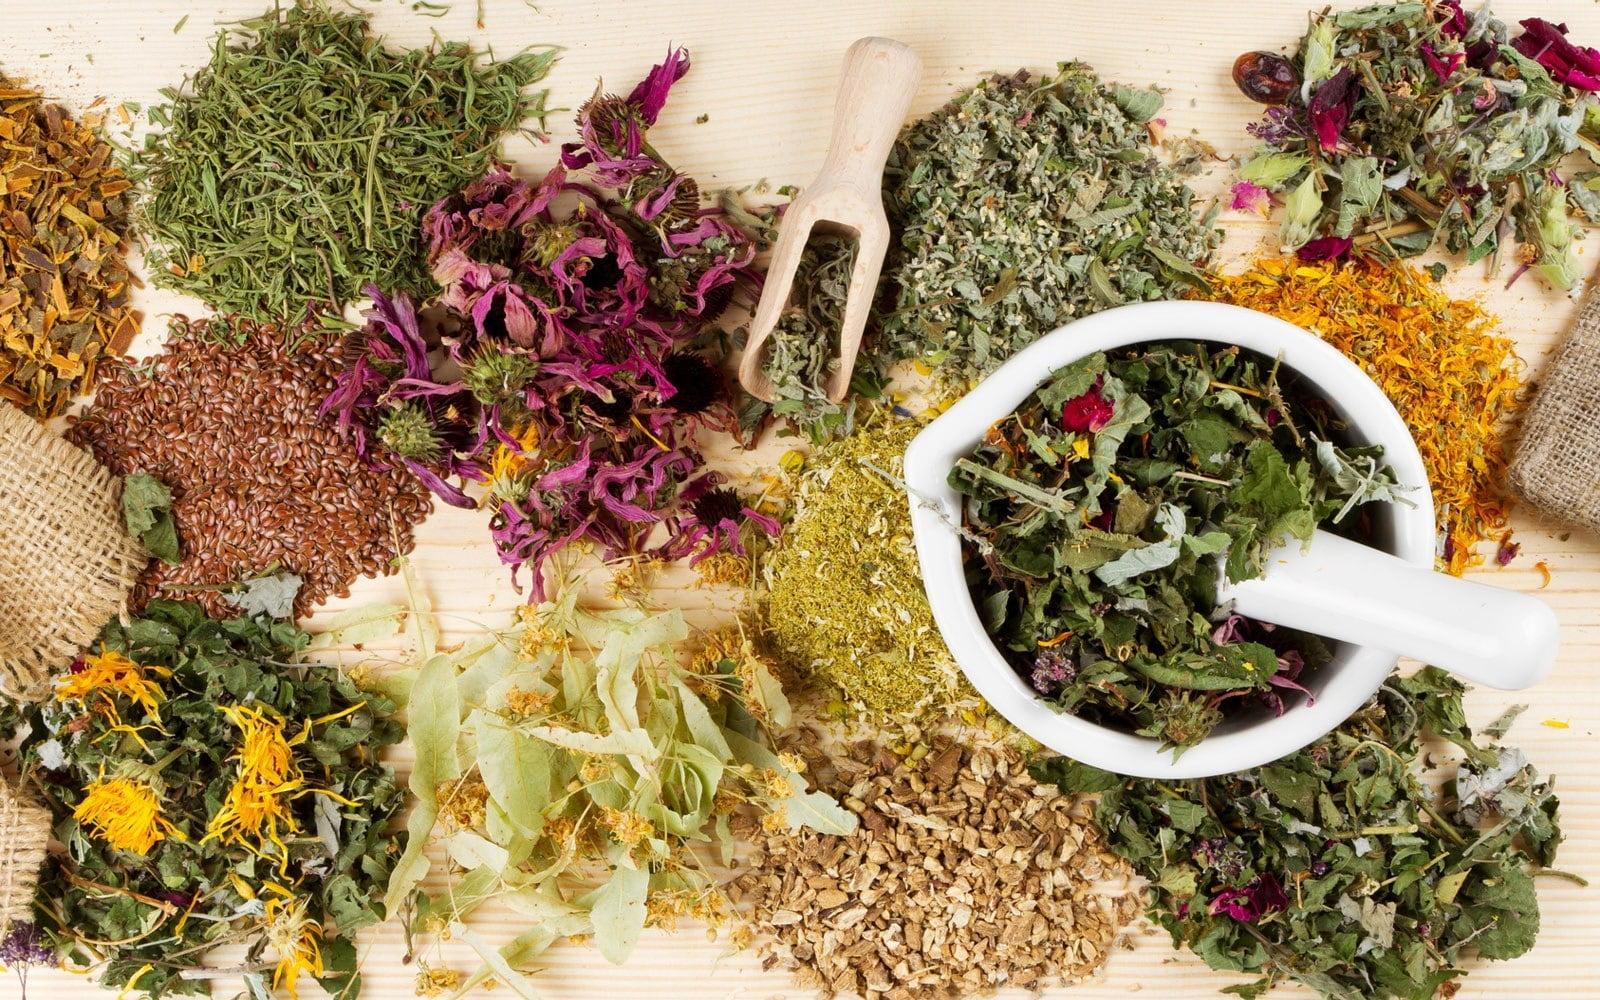 2-plante-medicinale-tratamente-naturiste